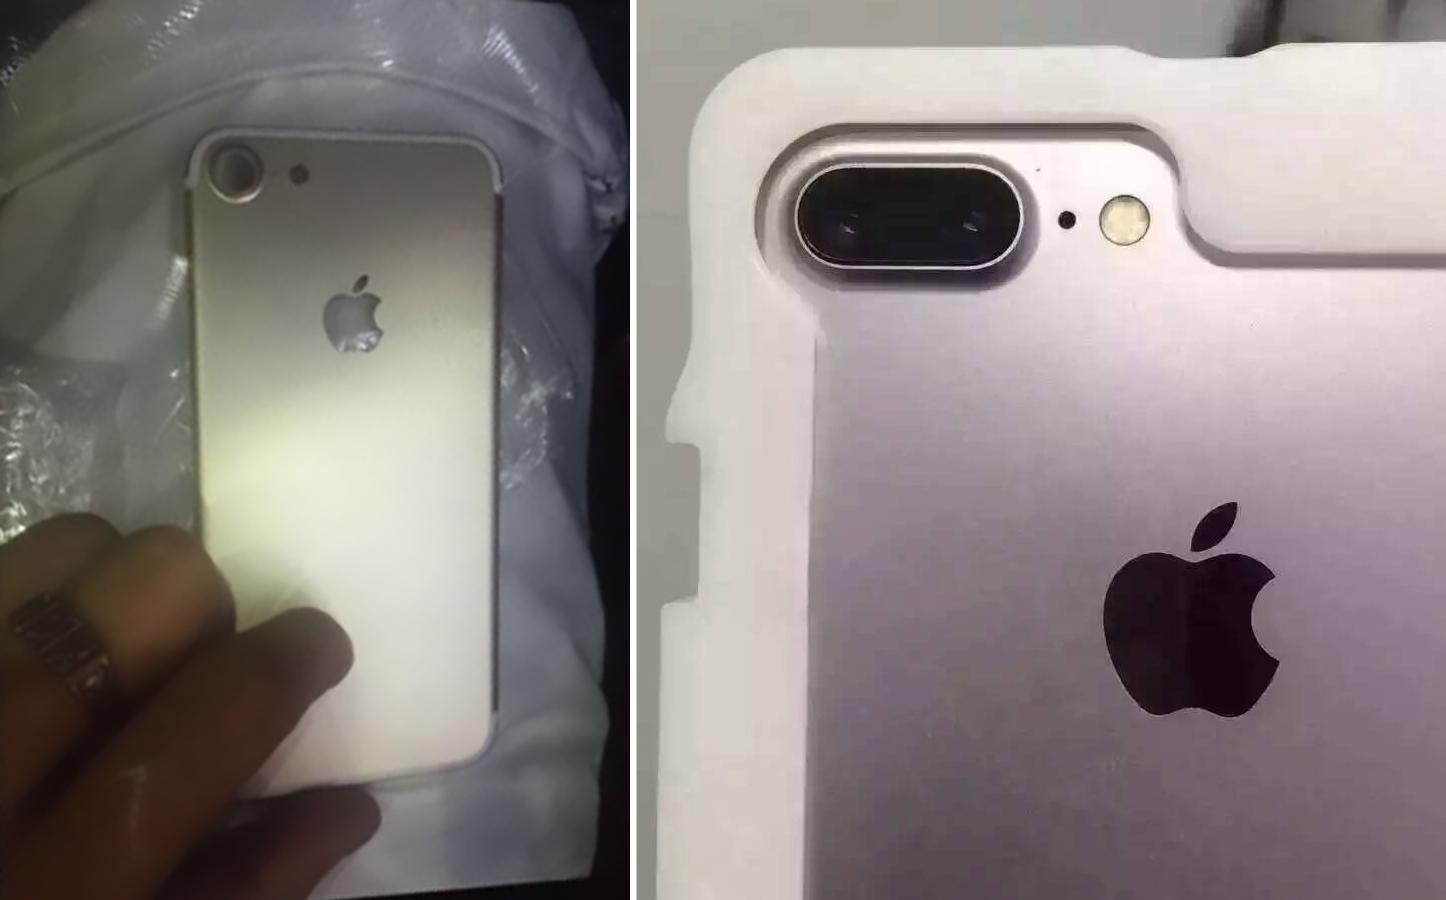 Iphone7 7plus case photos